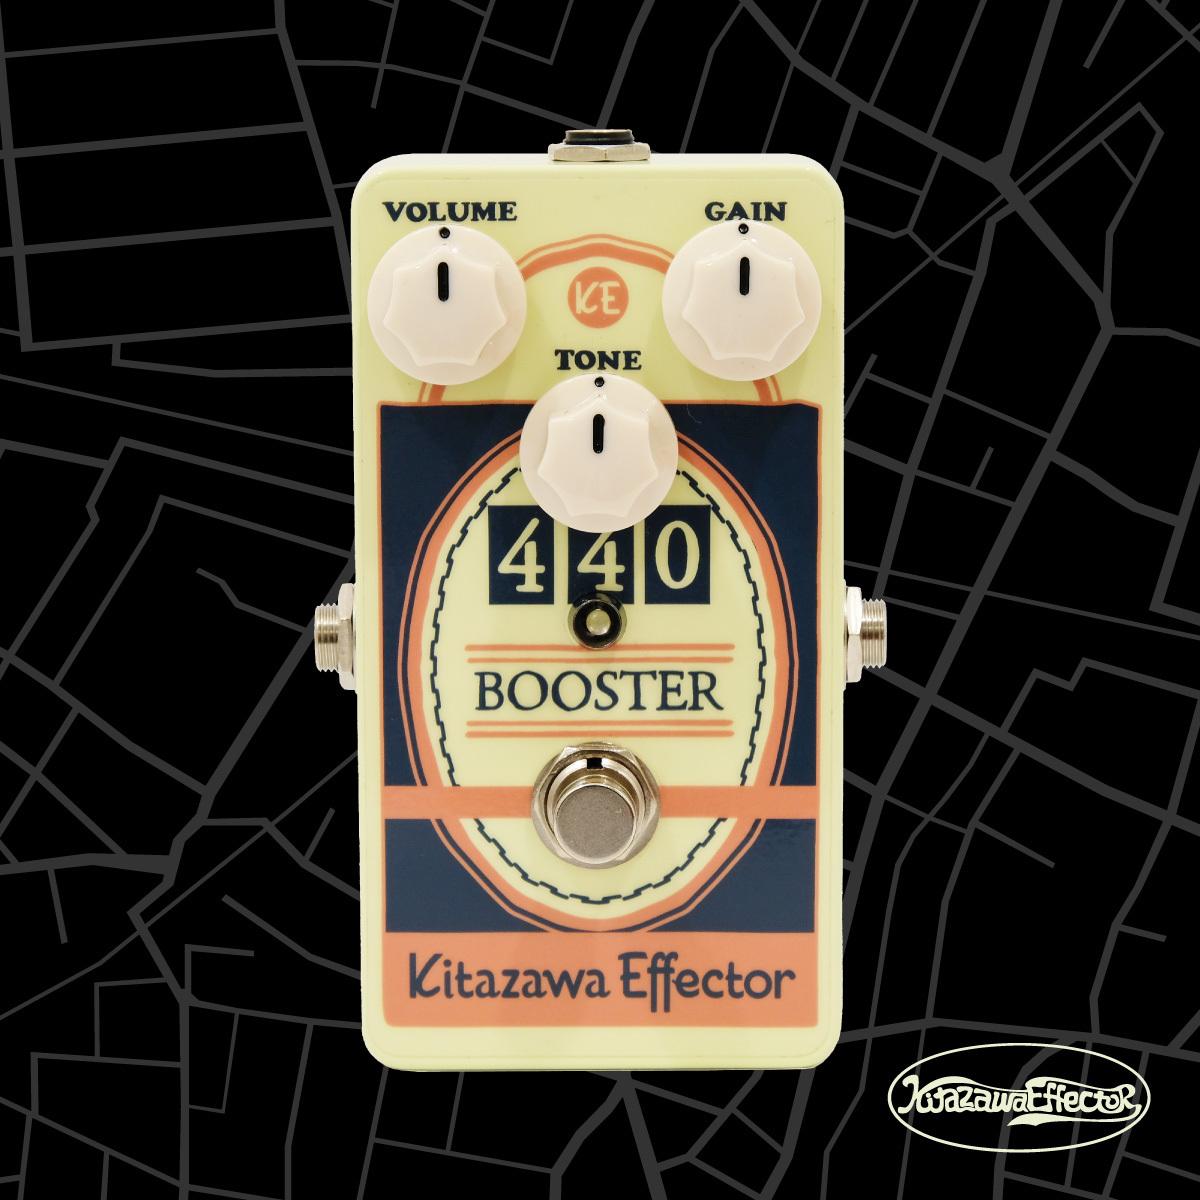 440 Booster (ライブハウス:下北沢440)